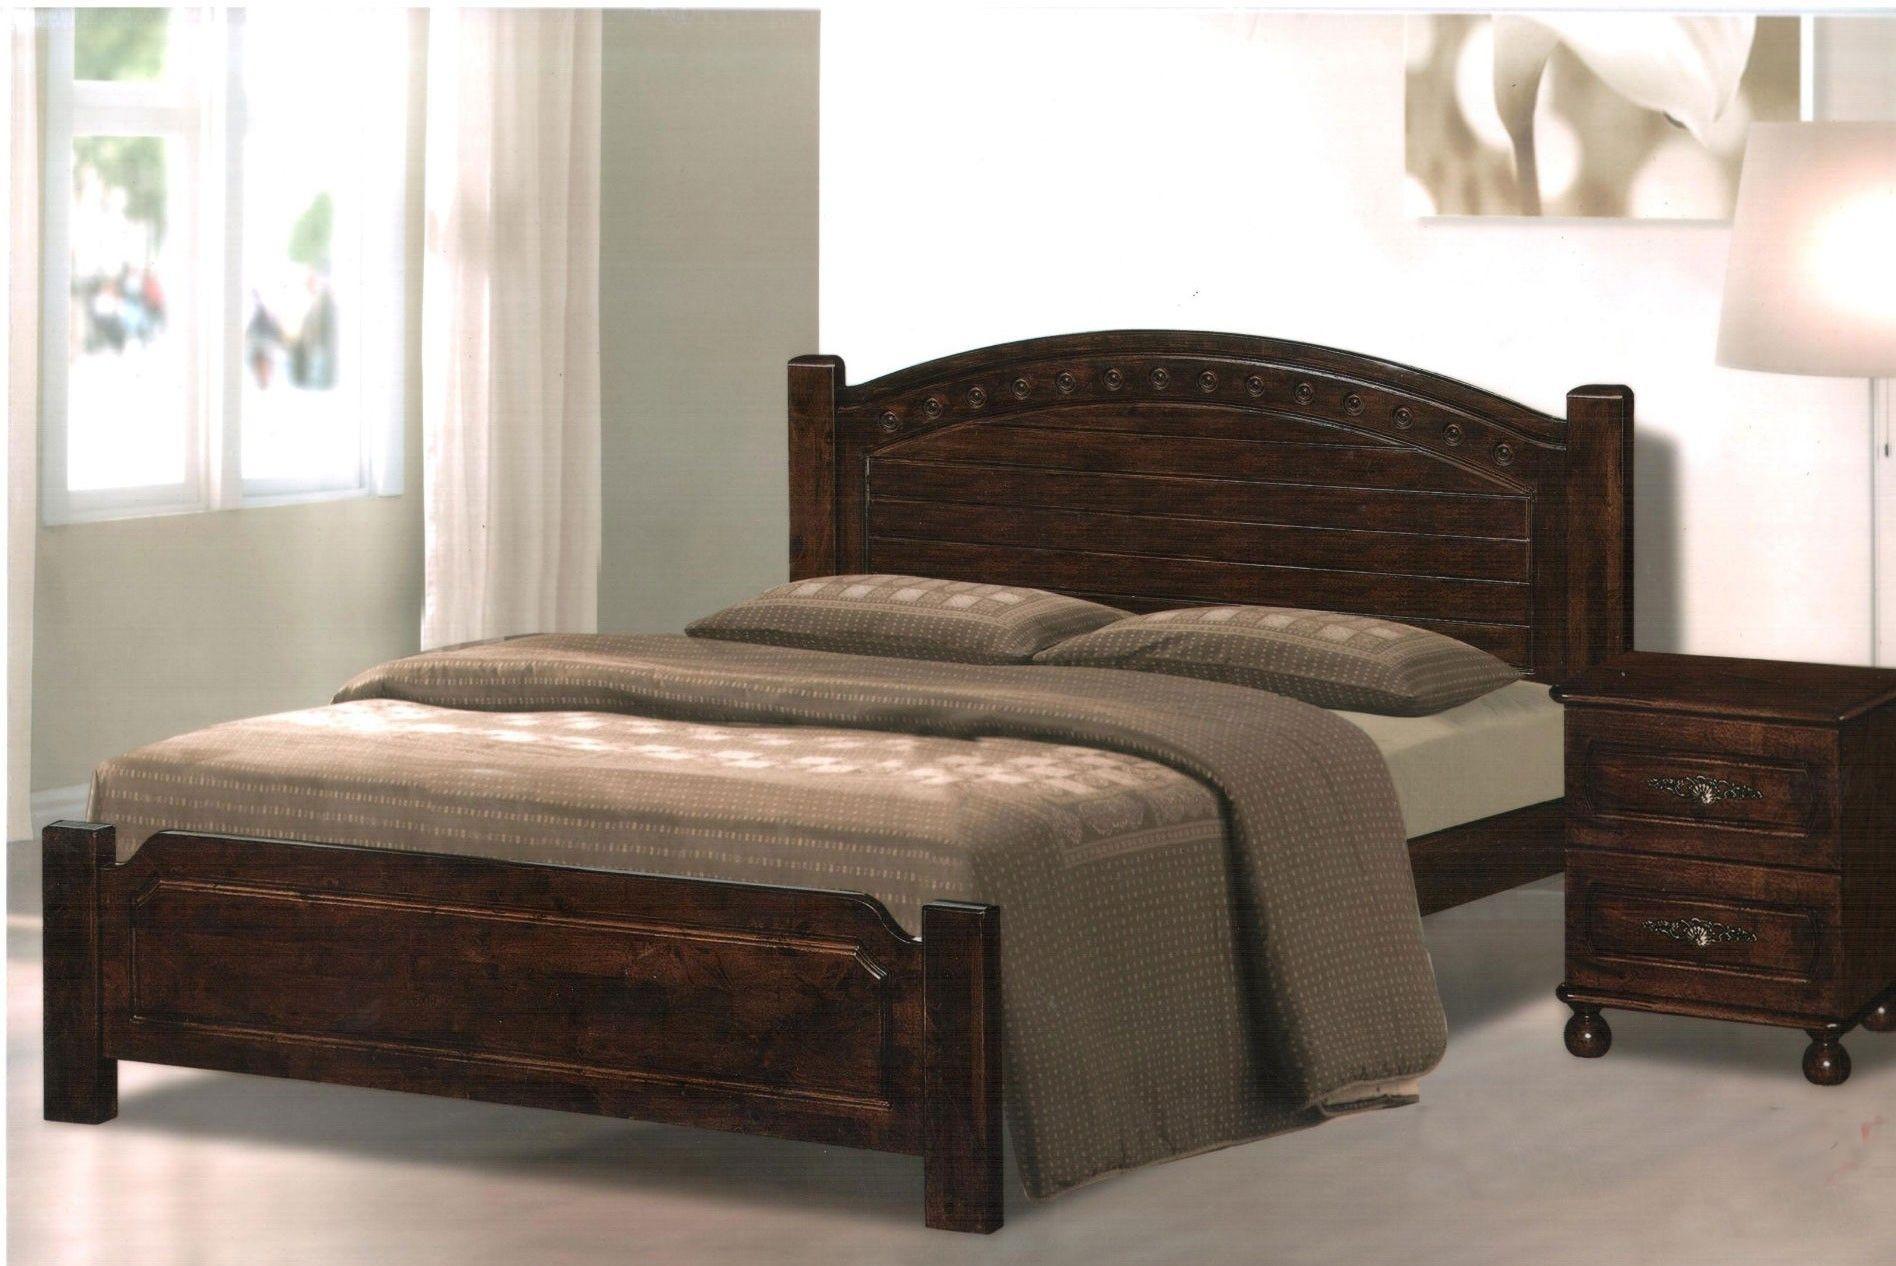 Plattform Bett Rahmen Cal König Bettgestell, Bett mit